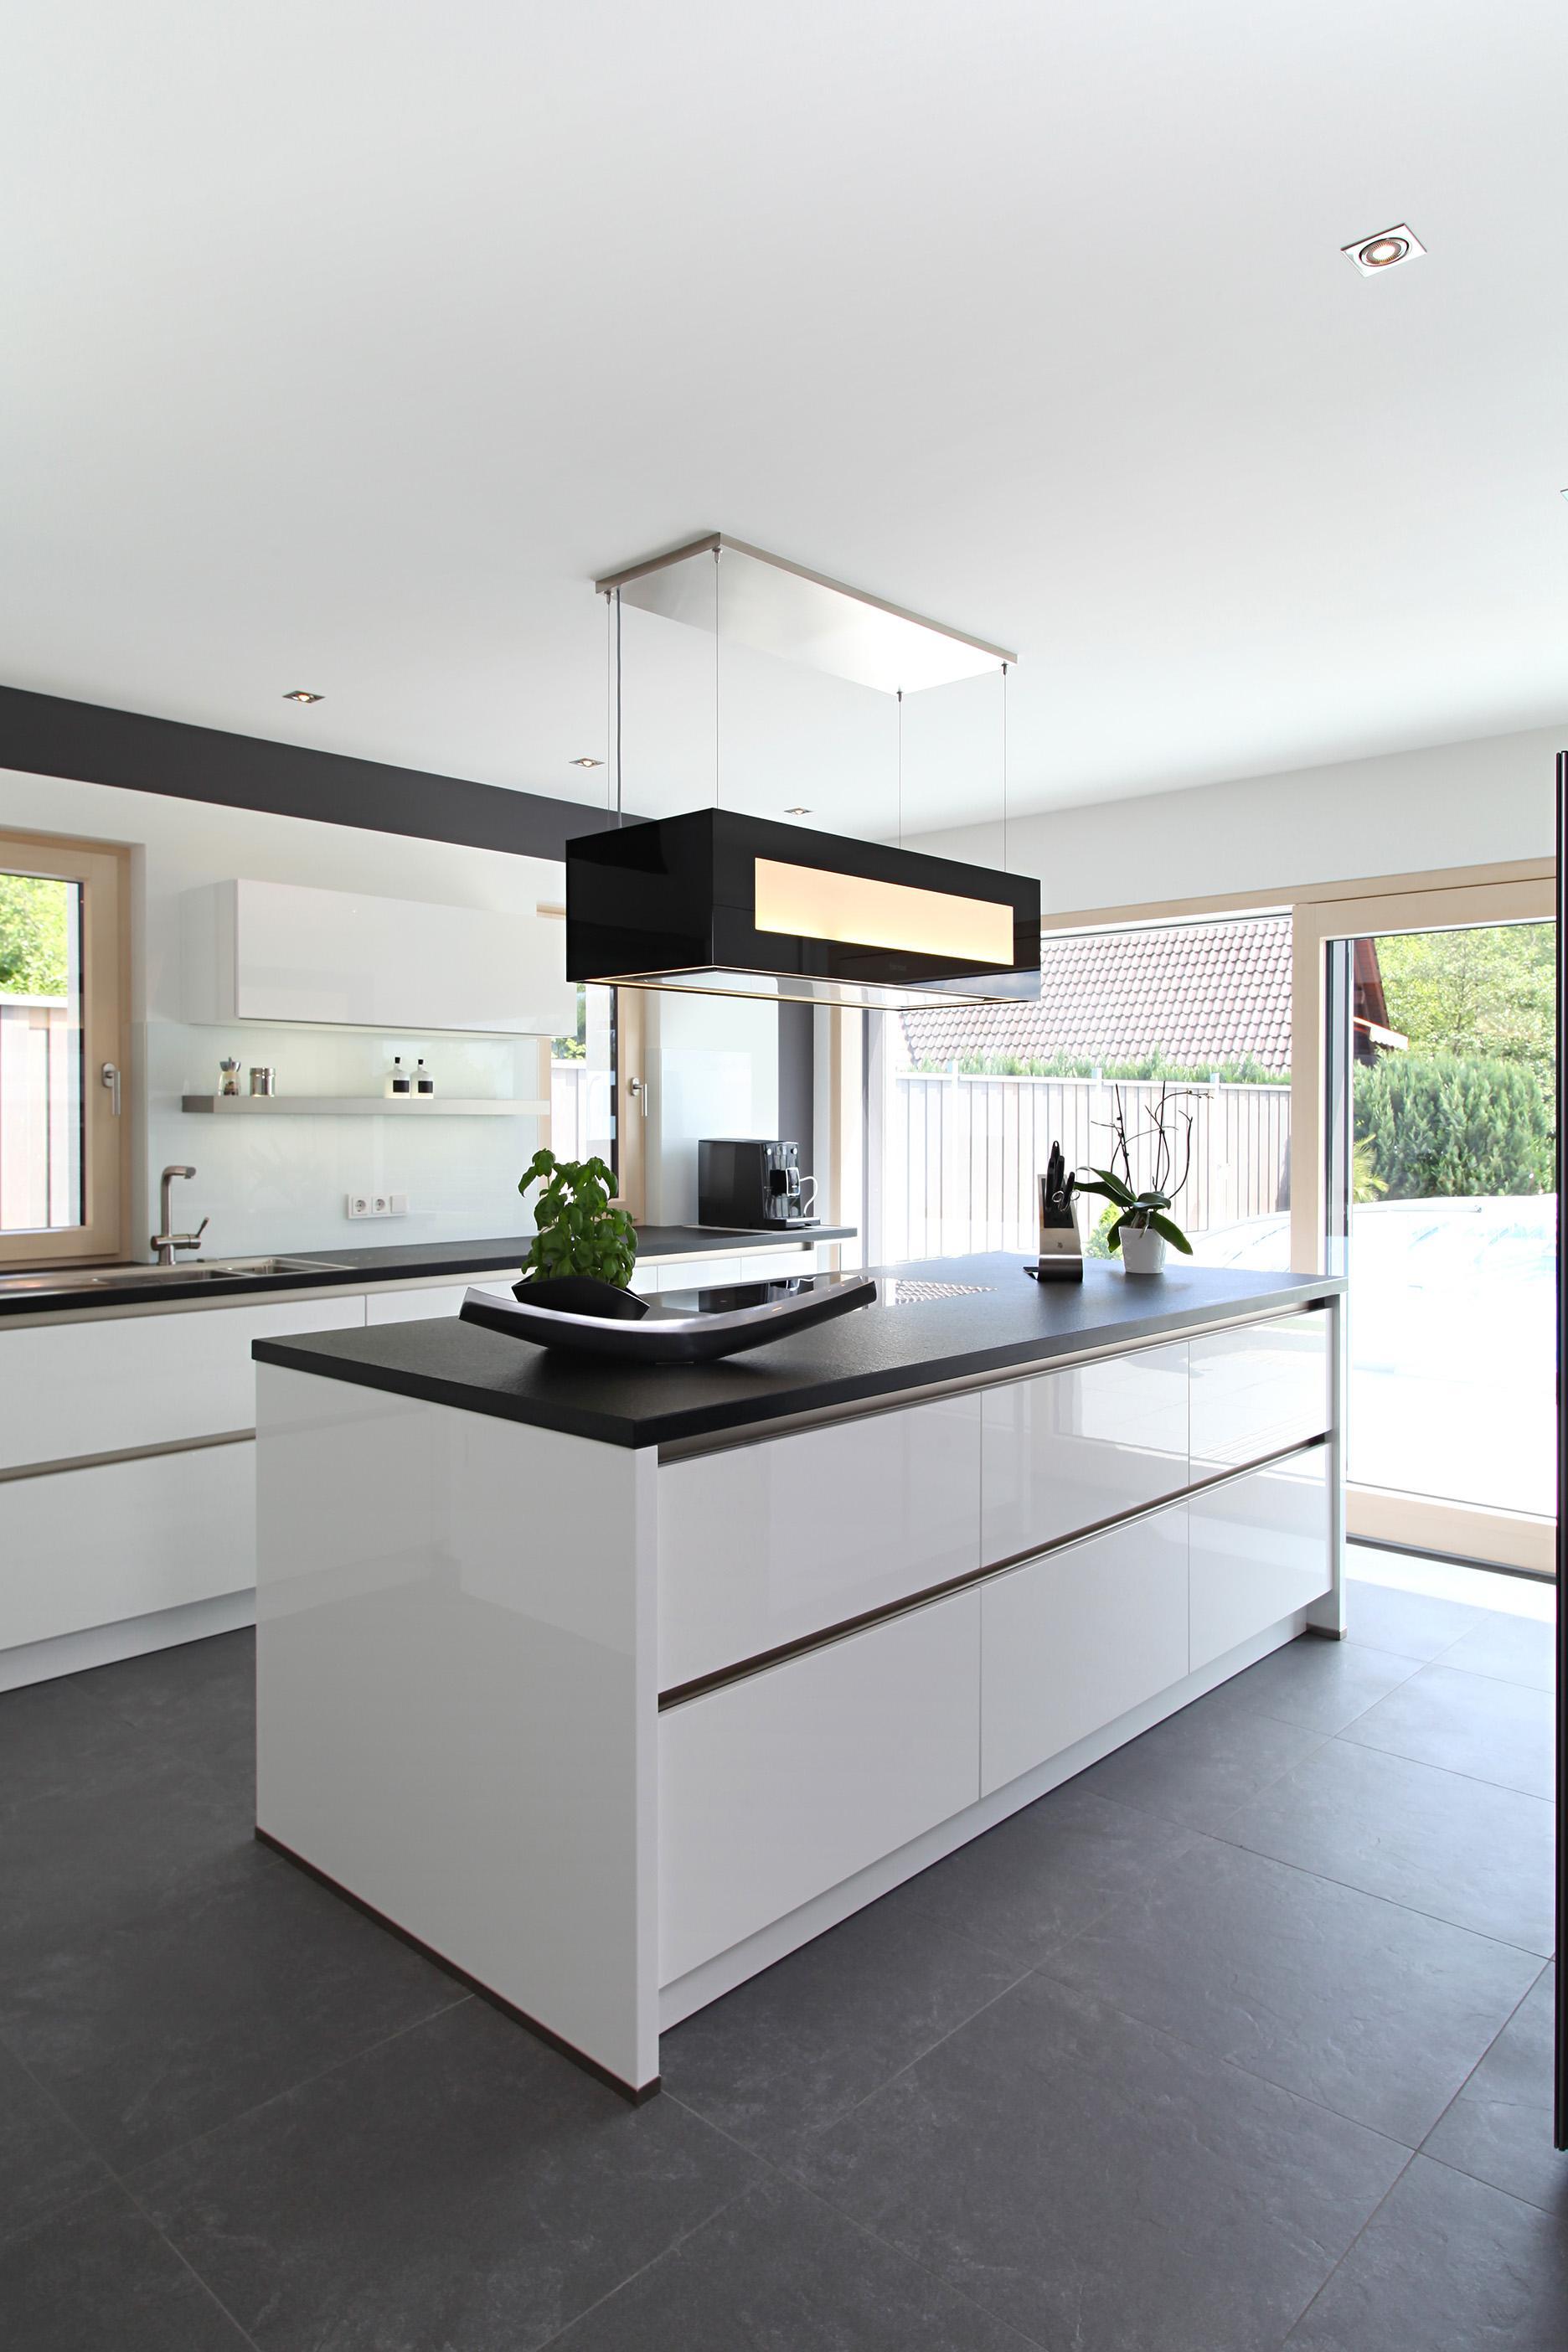 Küche Mit Küchenblock haus riederle küche küchenblock smarthome baufri